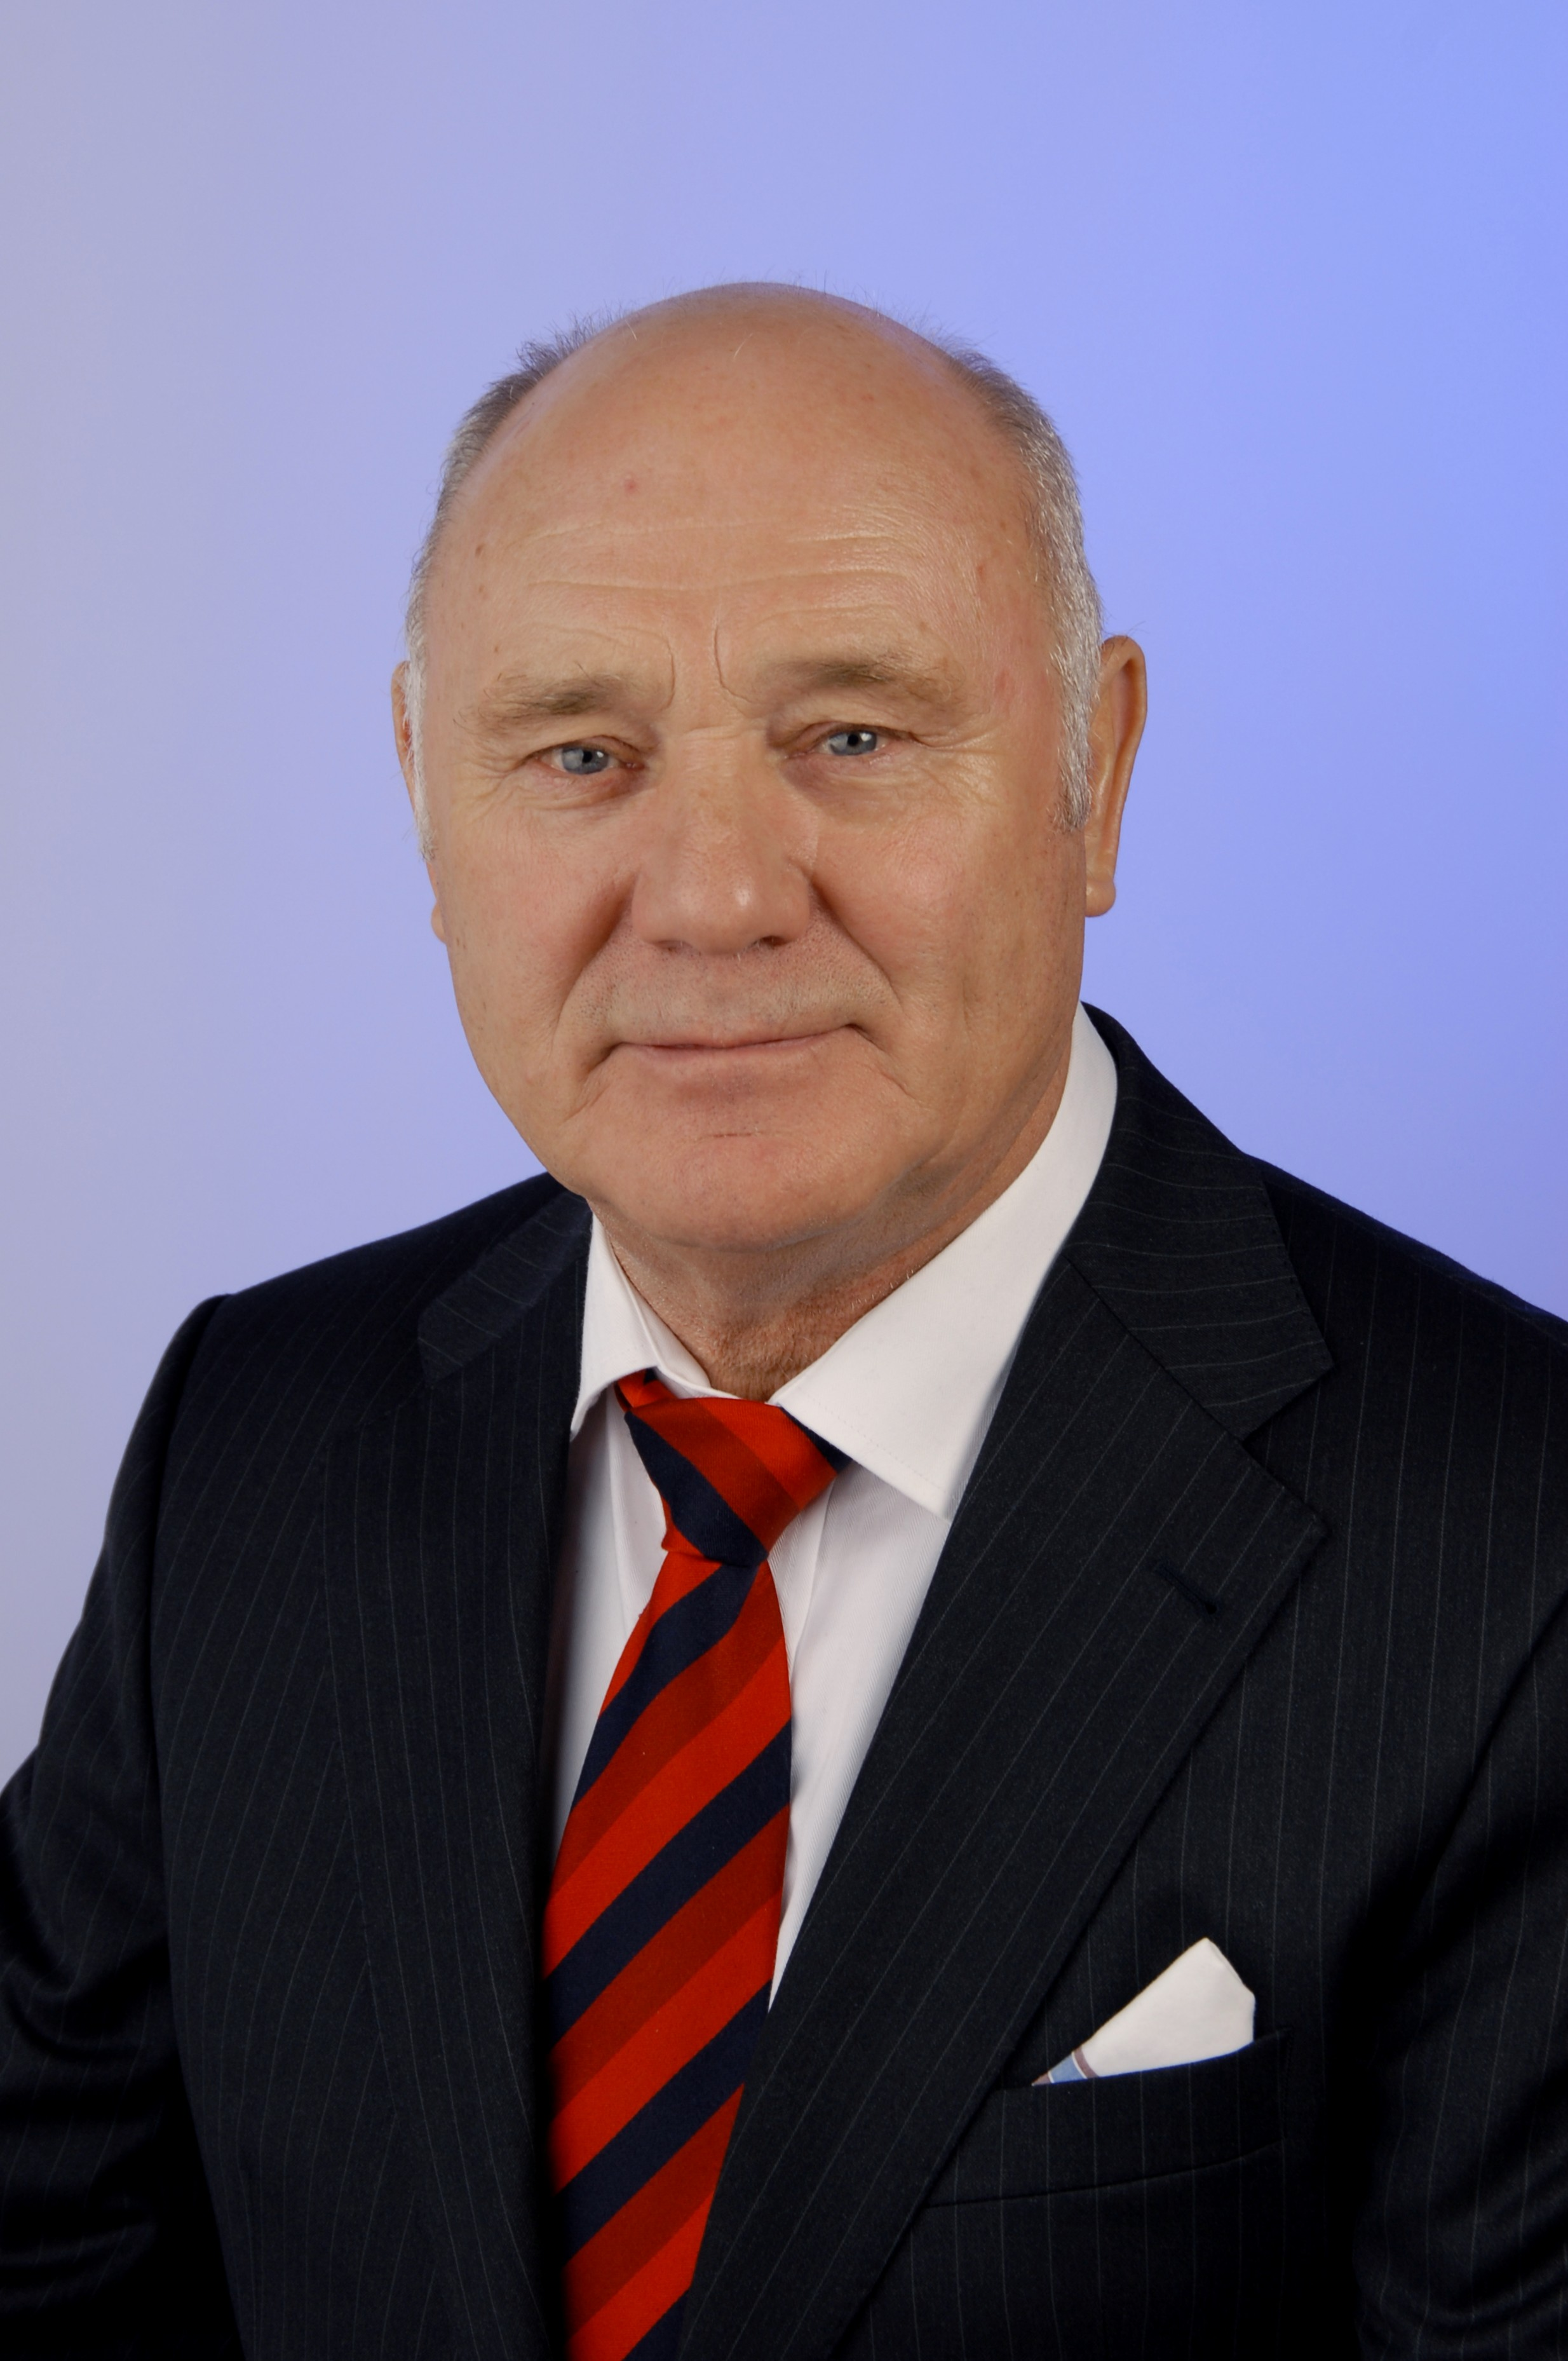 Dr.-Ing. Peter Hirsch